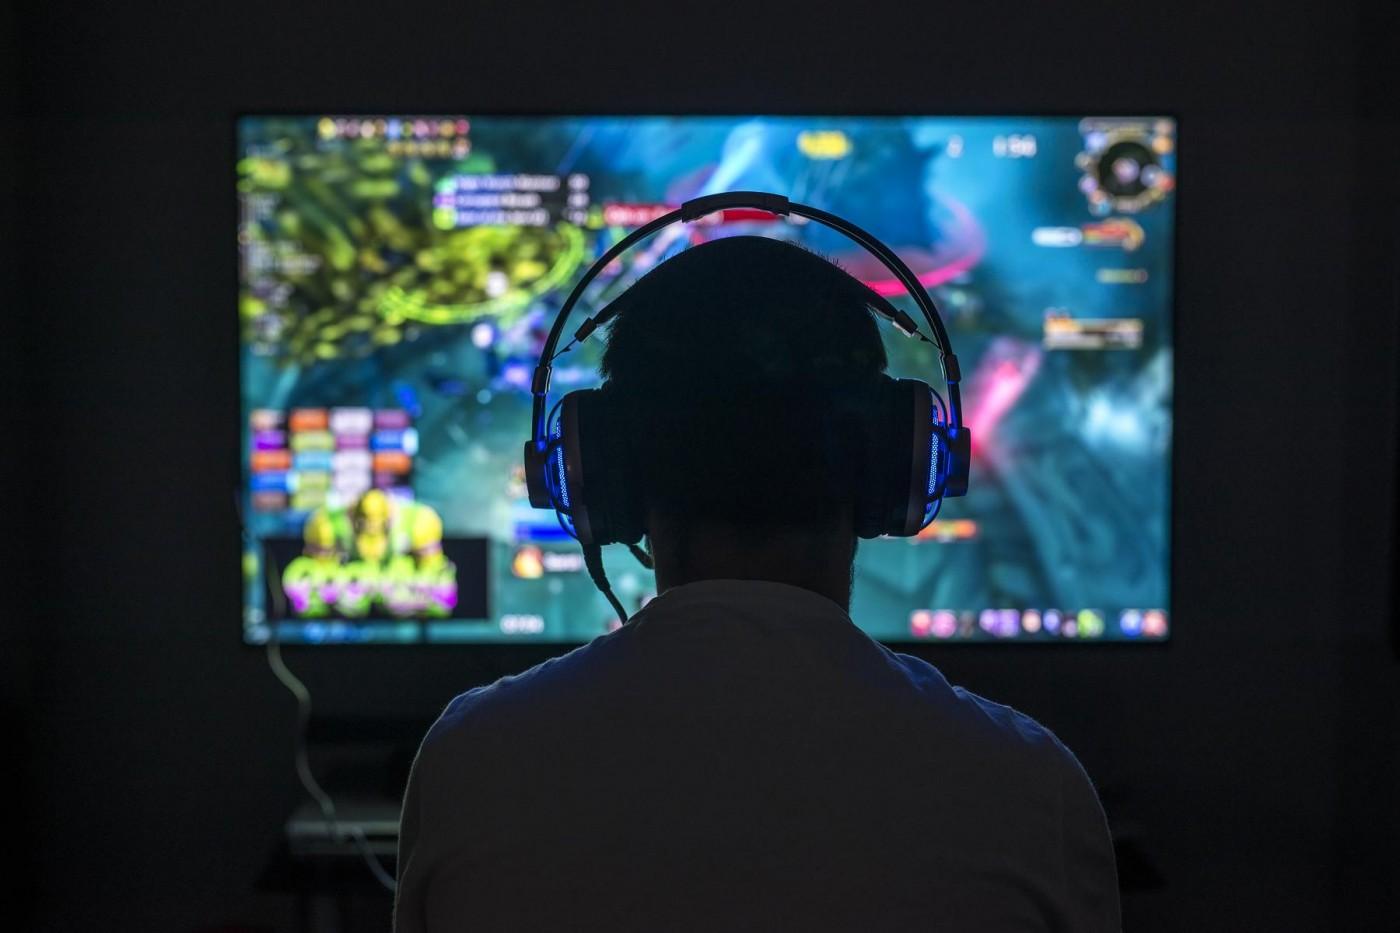 沉迷電玩是一種病?「遊戲成癮」納入精神疾病,醫療把關成挑戰